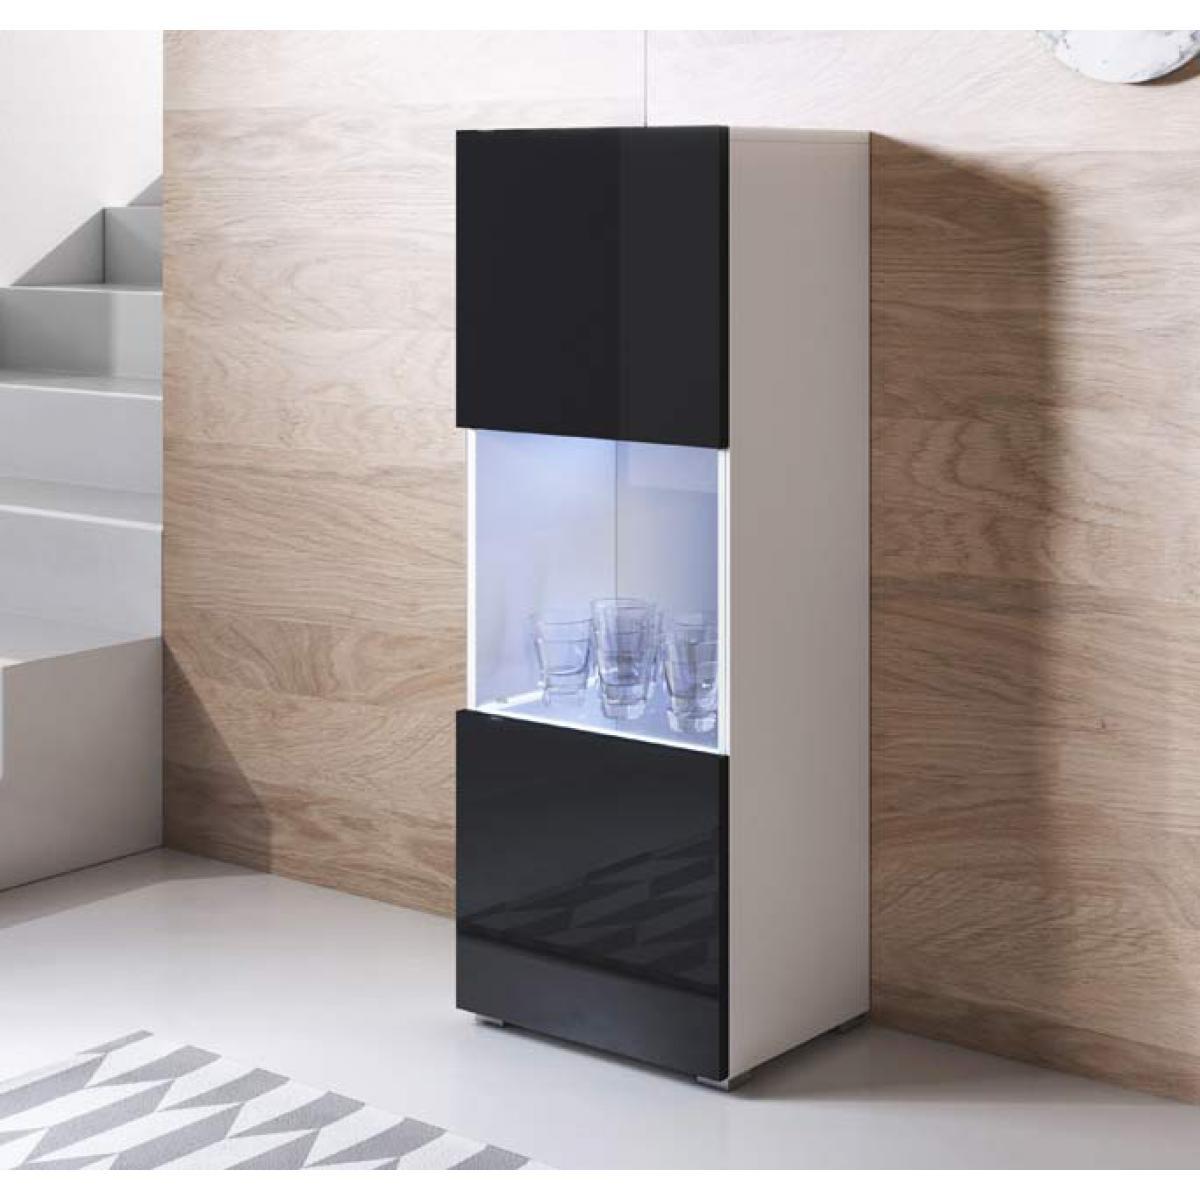 Design Ameublement Vitrine modèle Luke V3 (40x128cm) couleur blanc et noir avec pieds standard